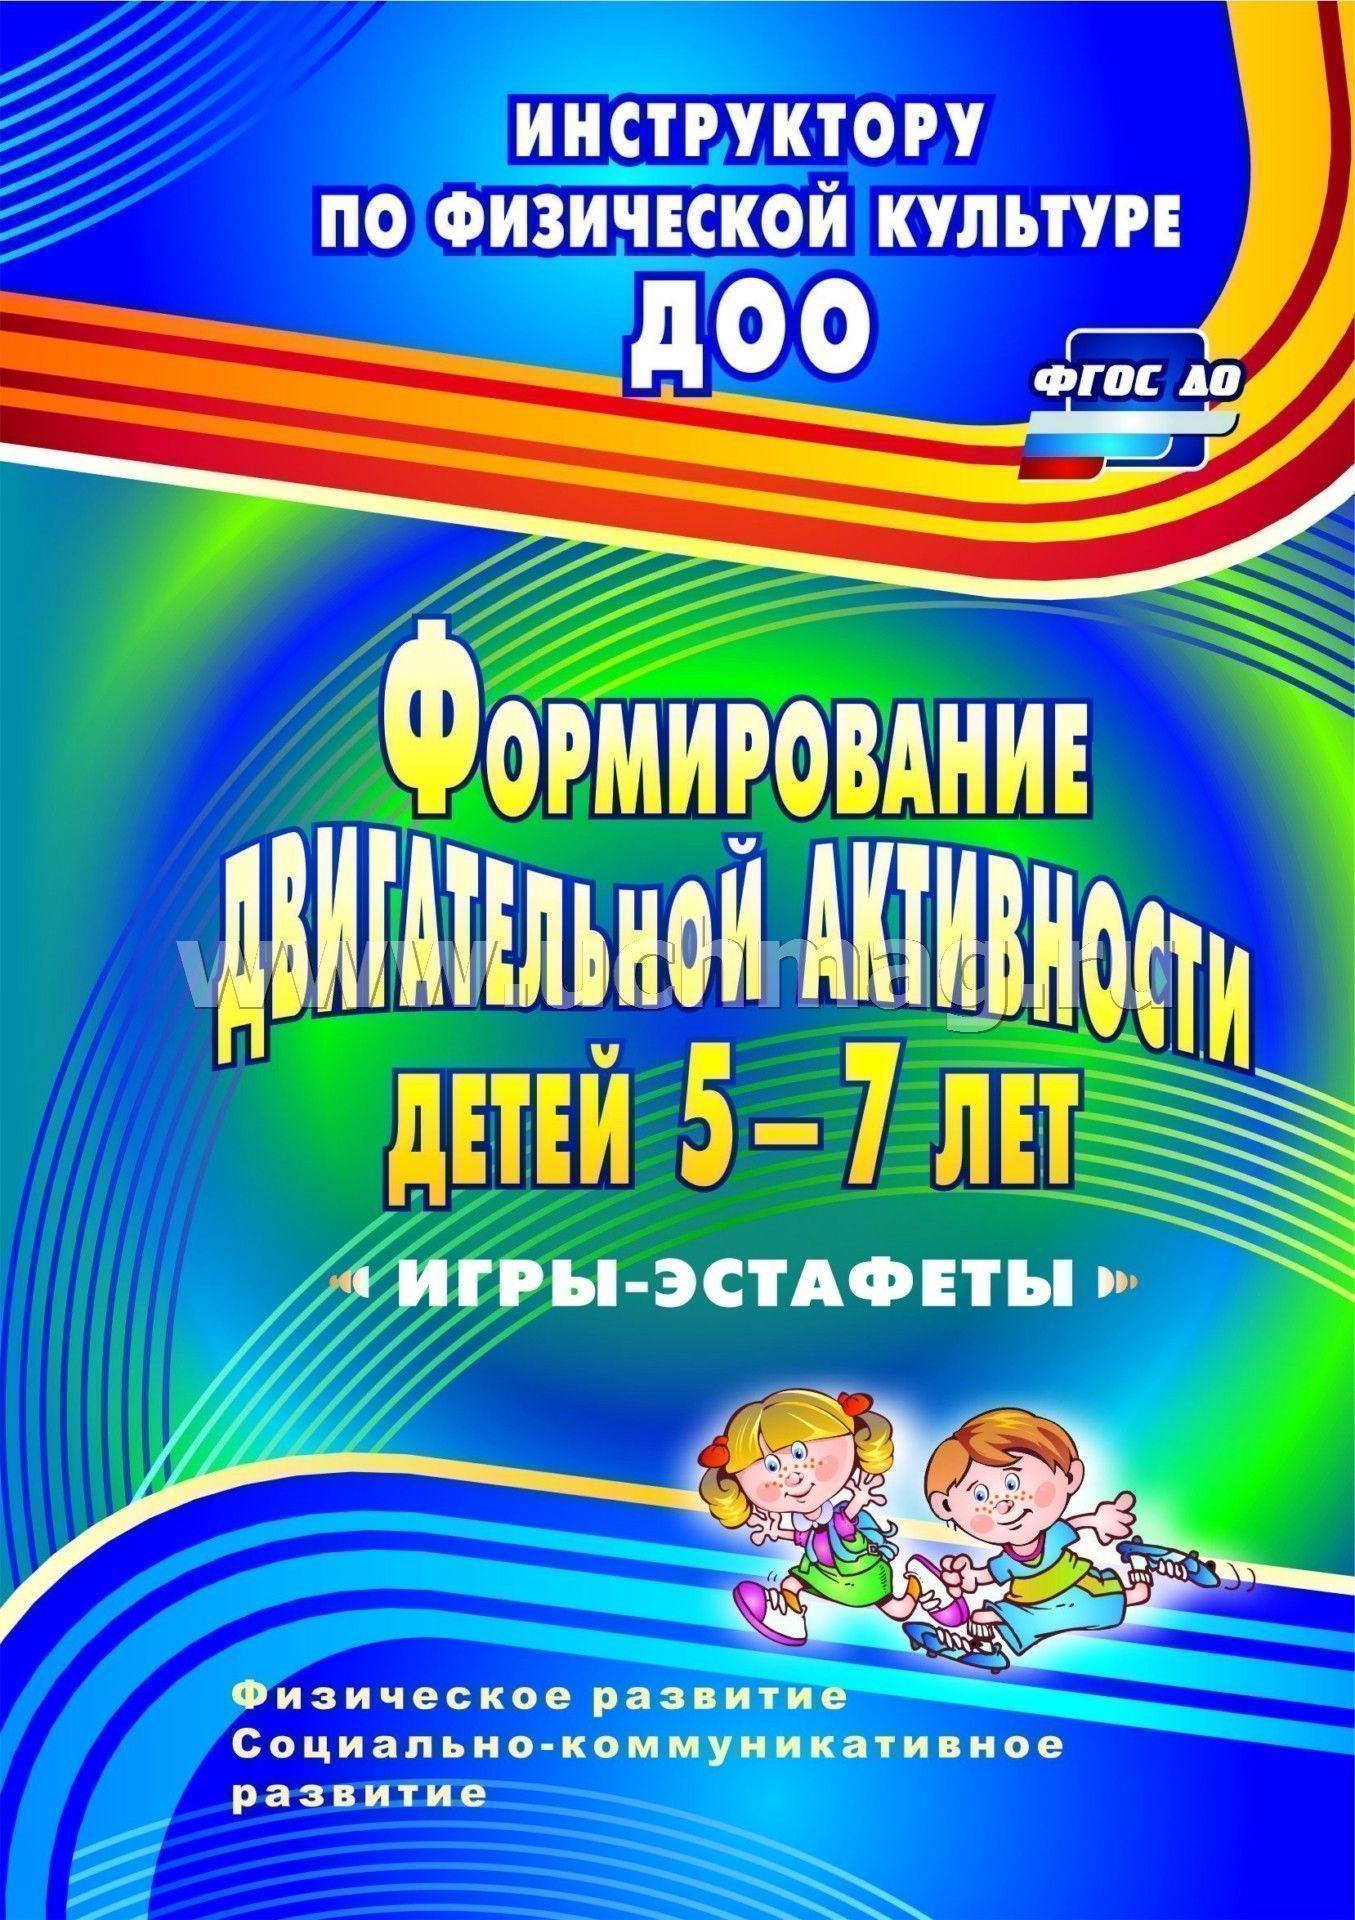 Формирование двигательной активности детей 5-7 лет  игры-эстафеты — интернет -магазин ee83eadb1d6